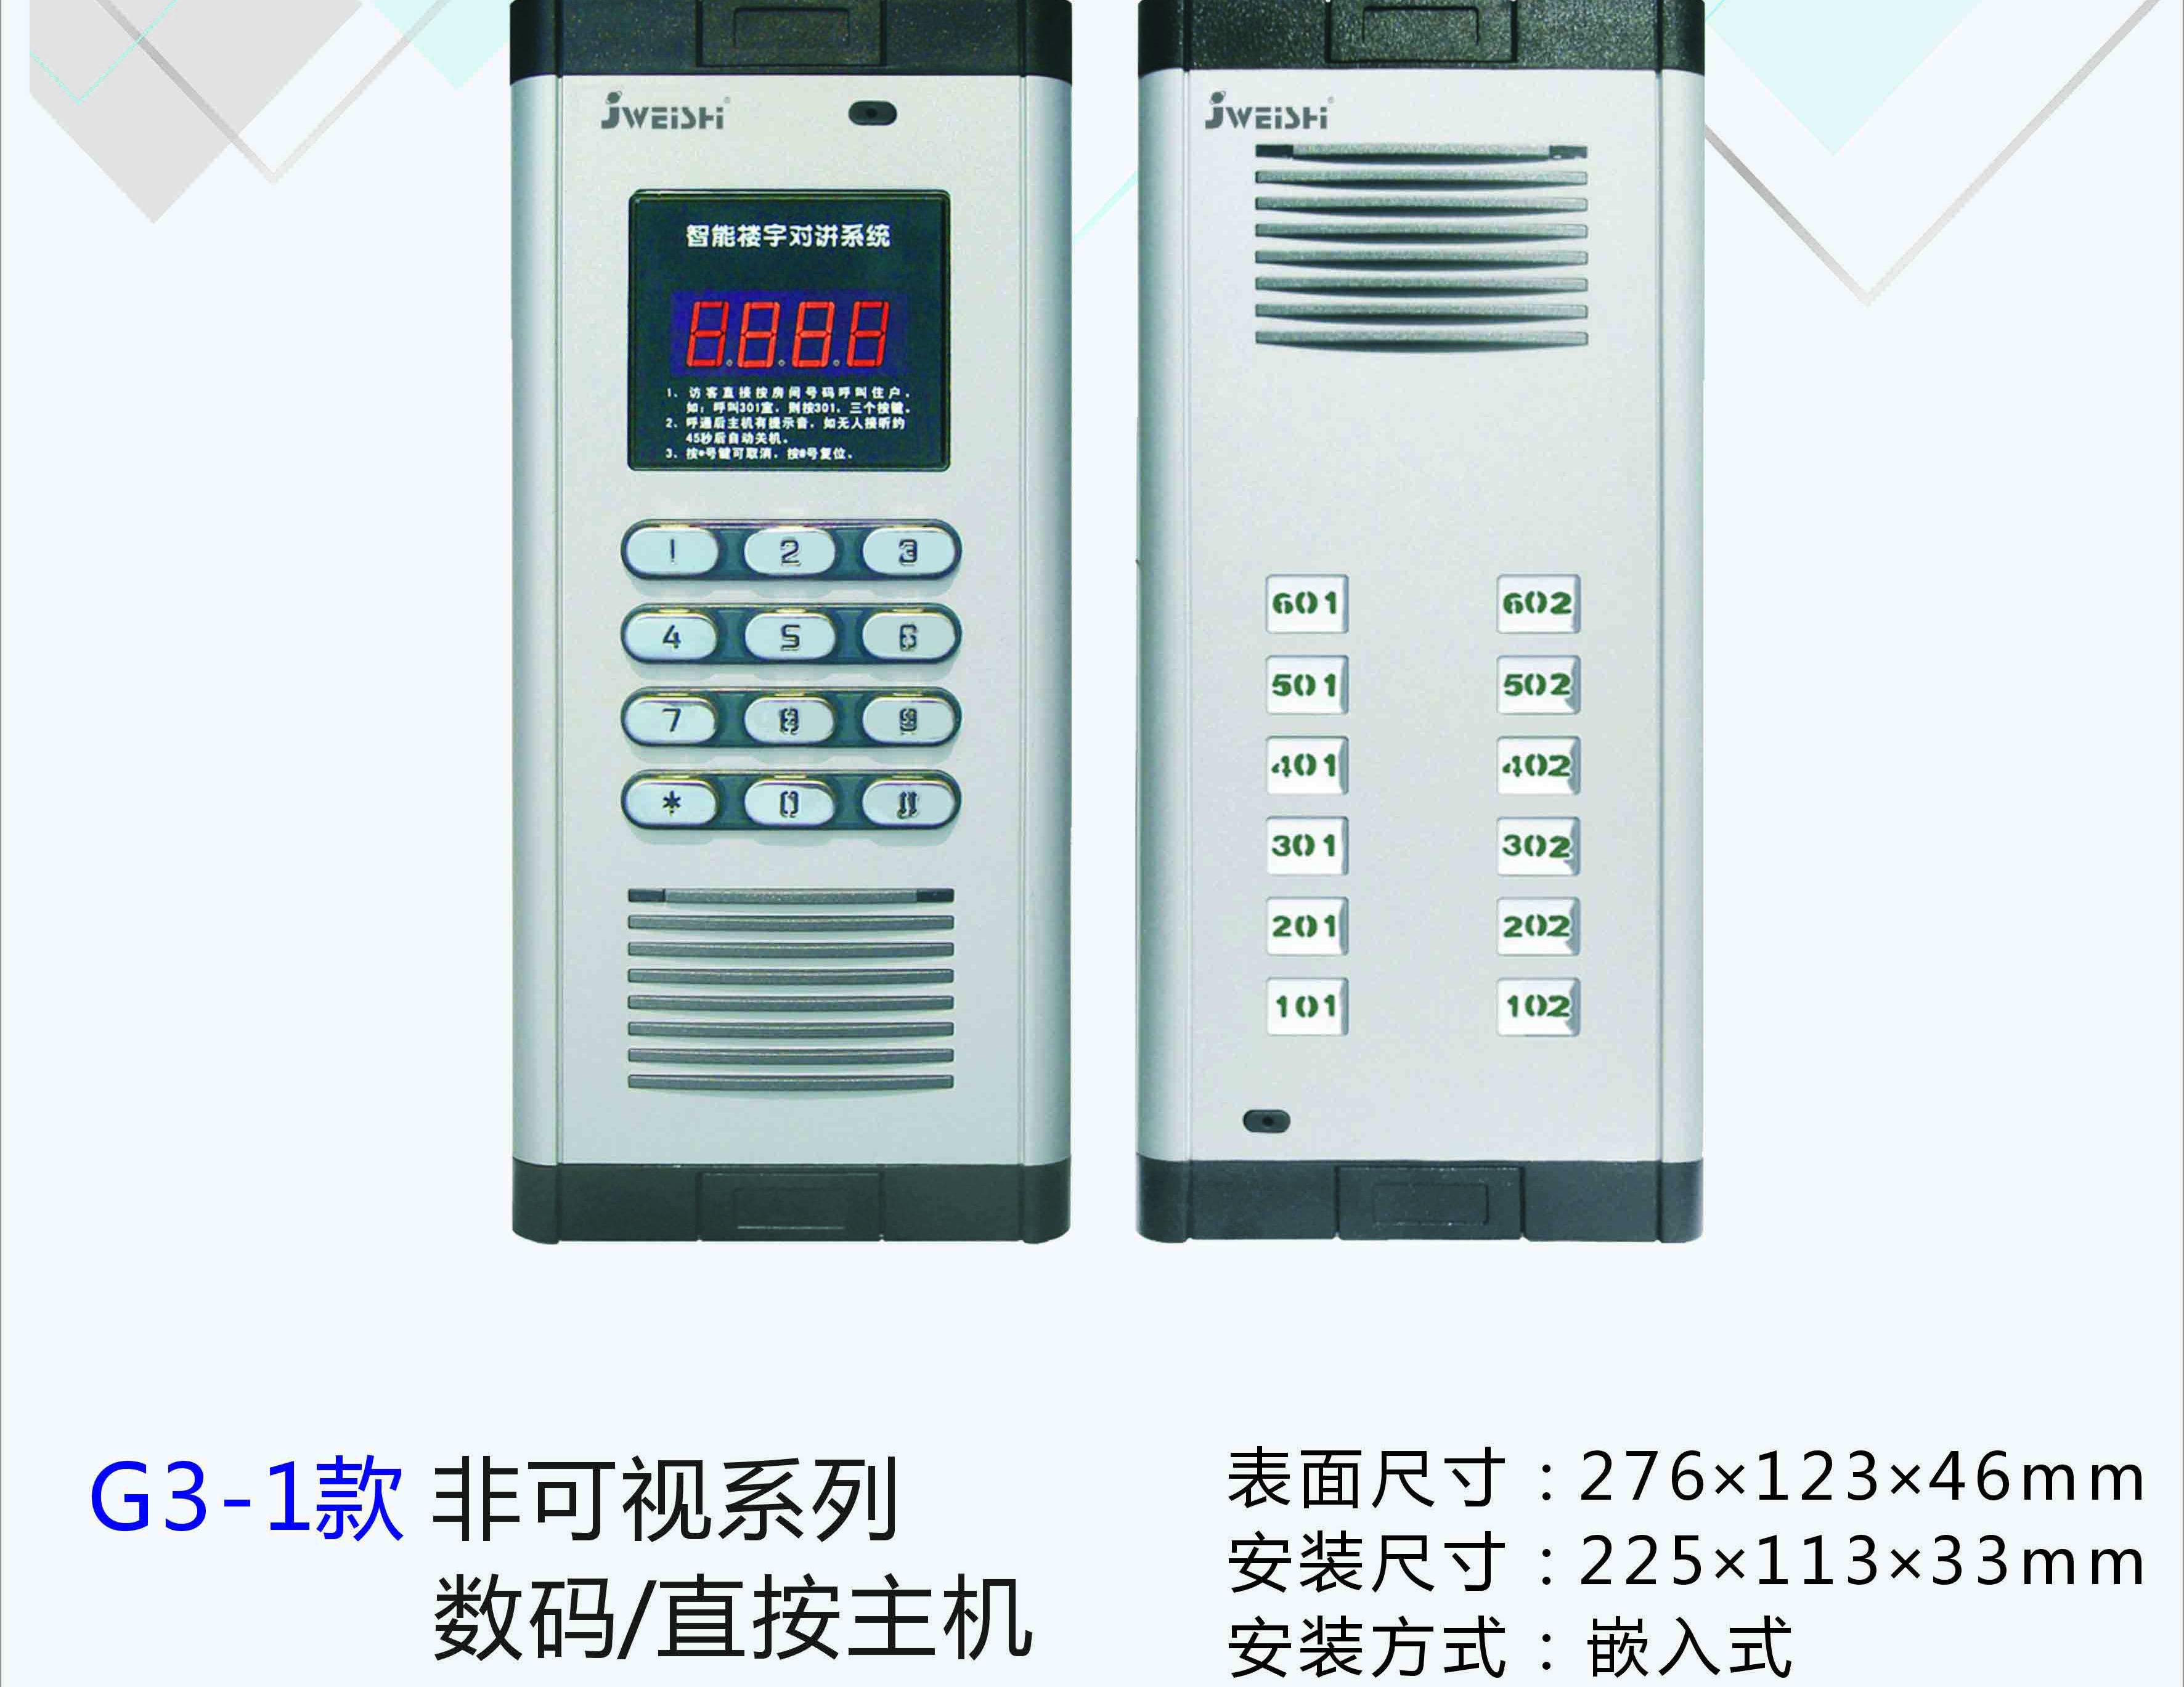 G3-1款非可视主机 非可视楼宇对讲报价